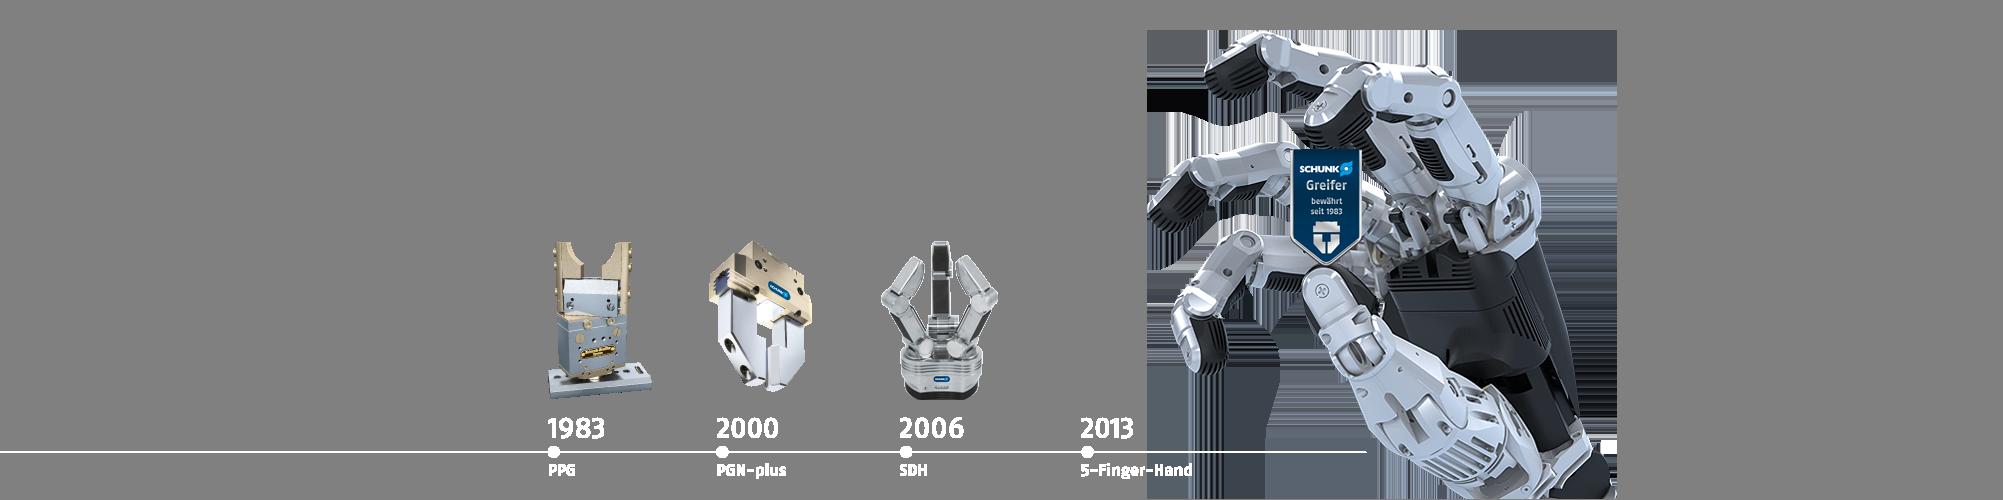 Upínací a uchopovací technika, upínače nástrojů - výroba, velkoobchod a servis